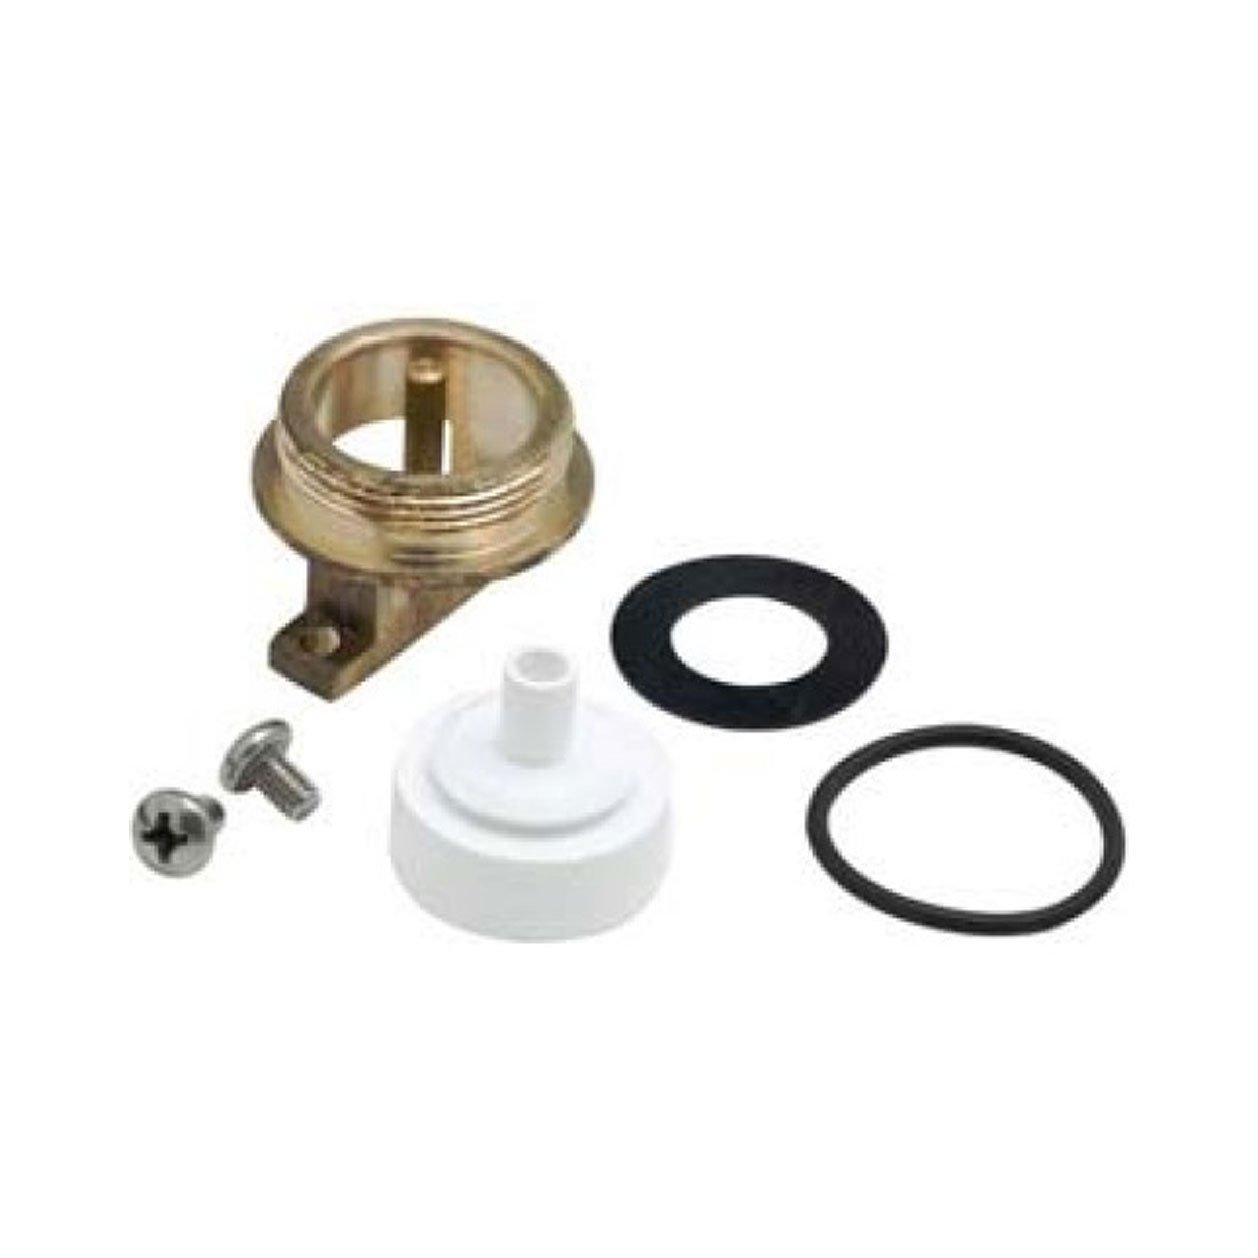 TS Brass S Brass B-0969-RK01 Repair Kit for B-0969 Vacuum Breaker Assembly